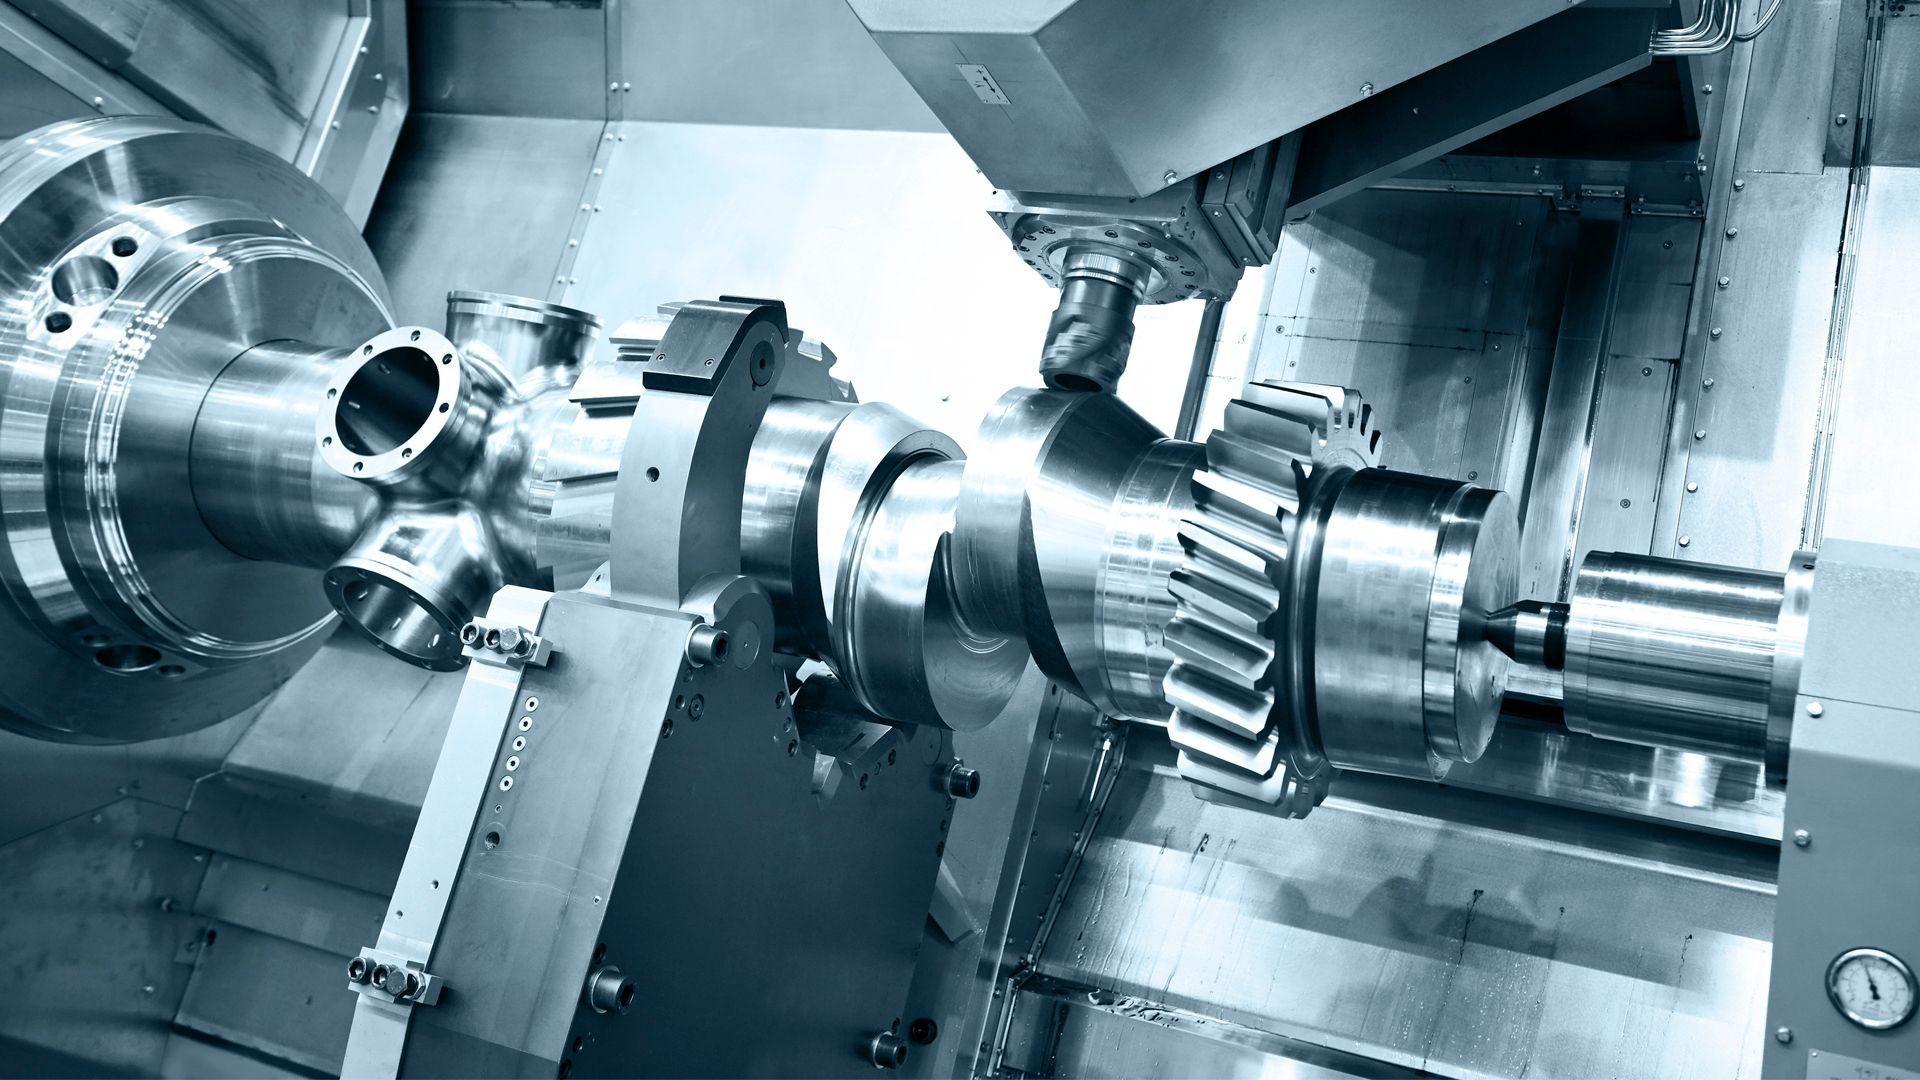 Suministros industriales en Bizkaia